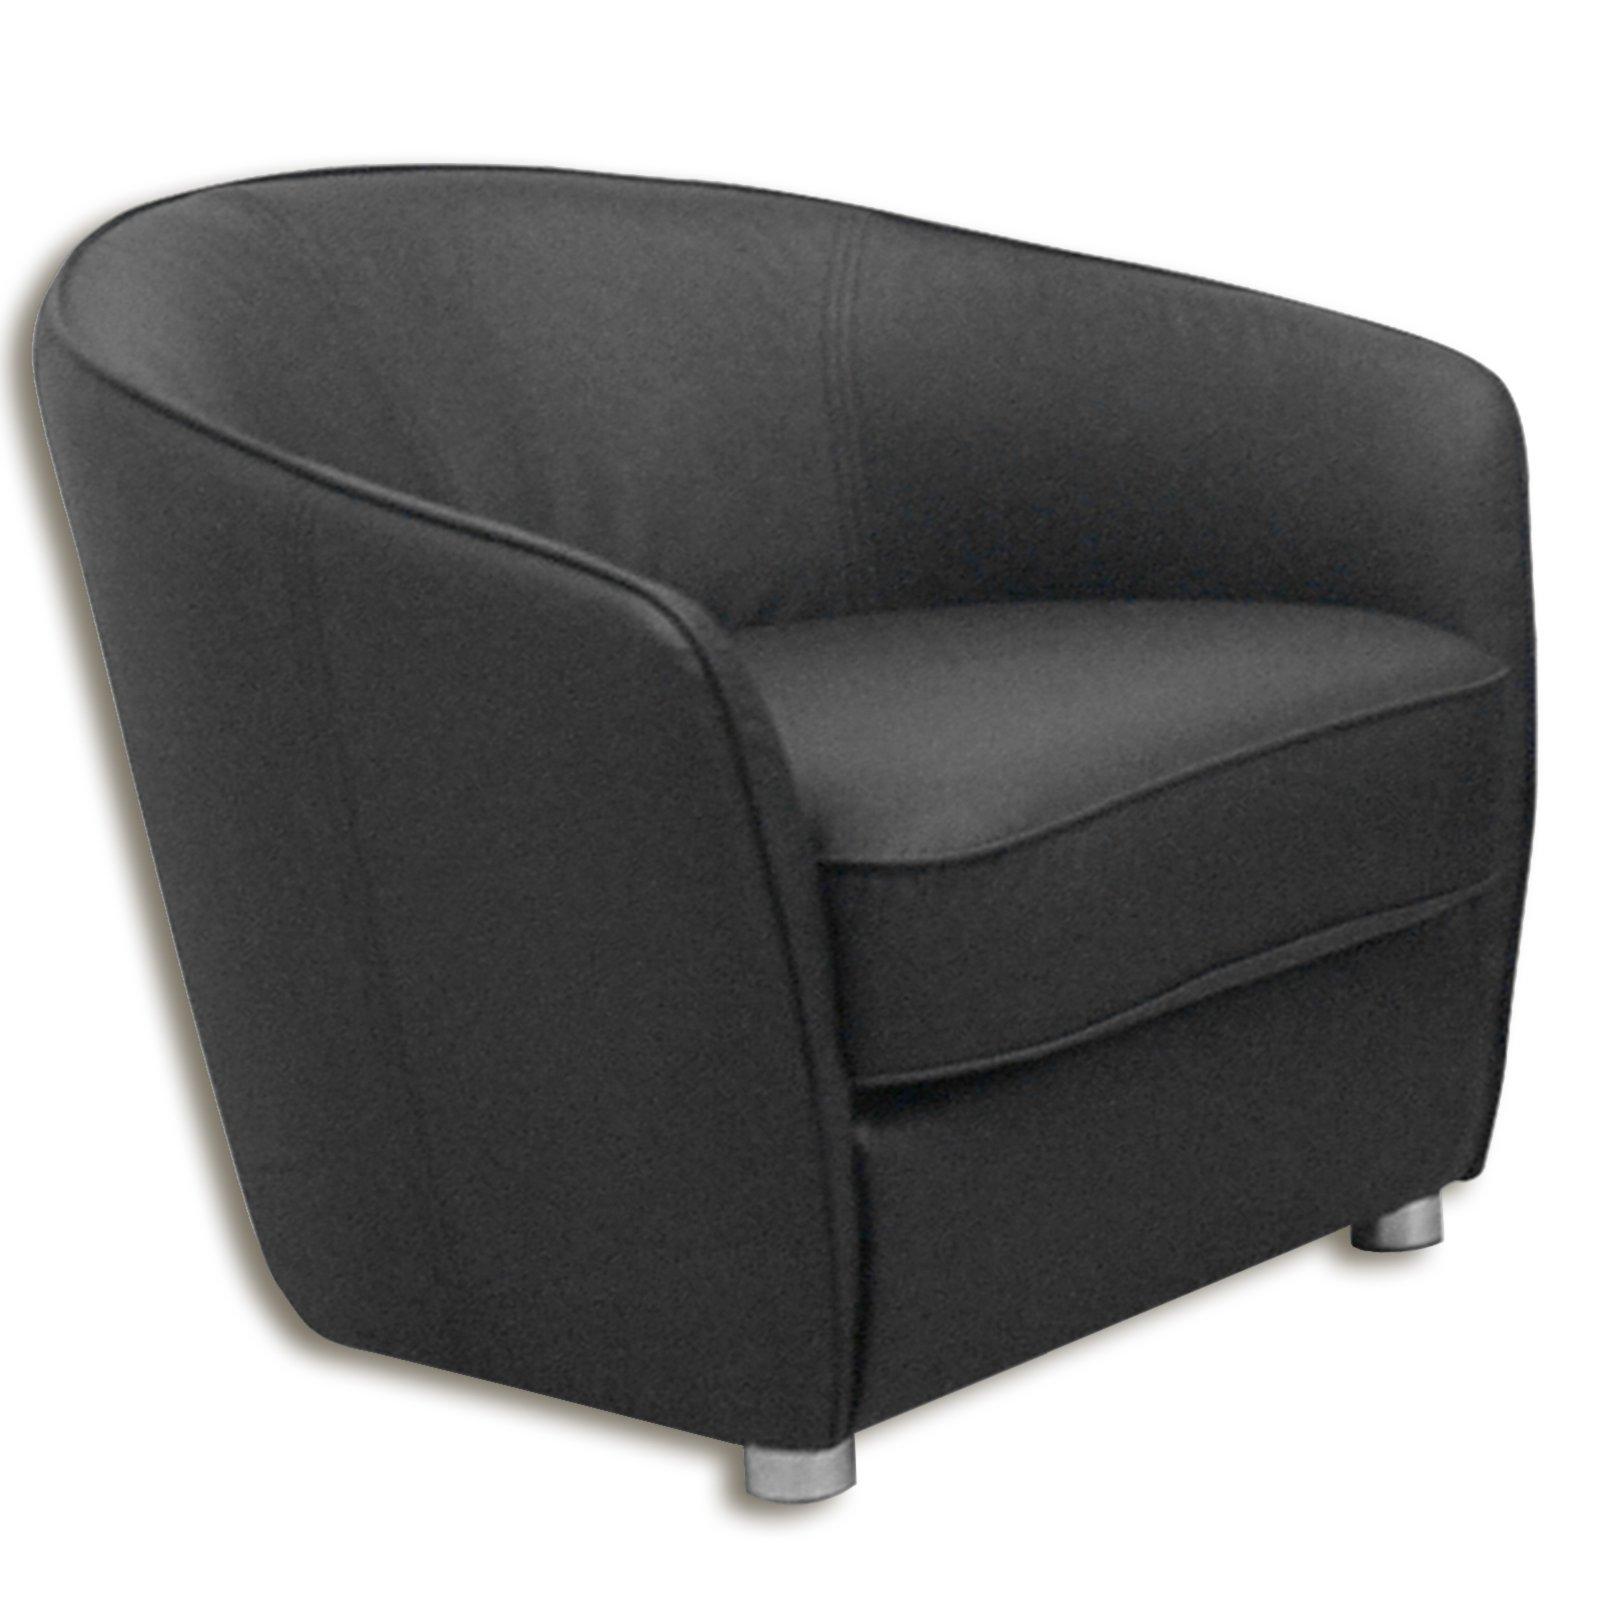 sessel schlamm grau kunstleder cocktailsessel. Black Bedroom Furniture Sets. Home Design Ideas